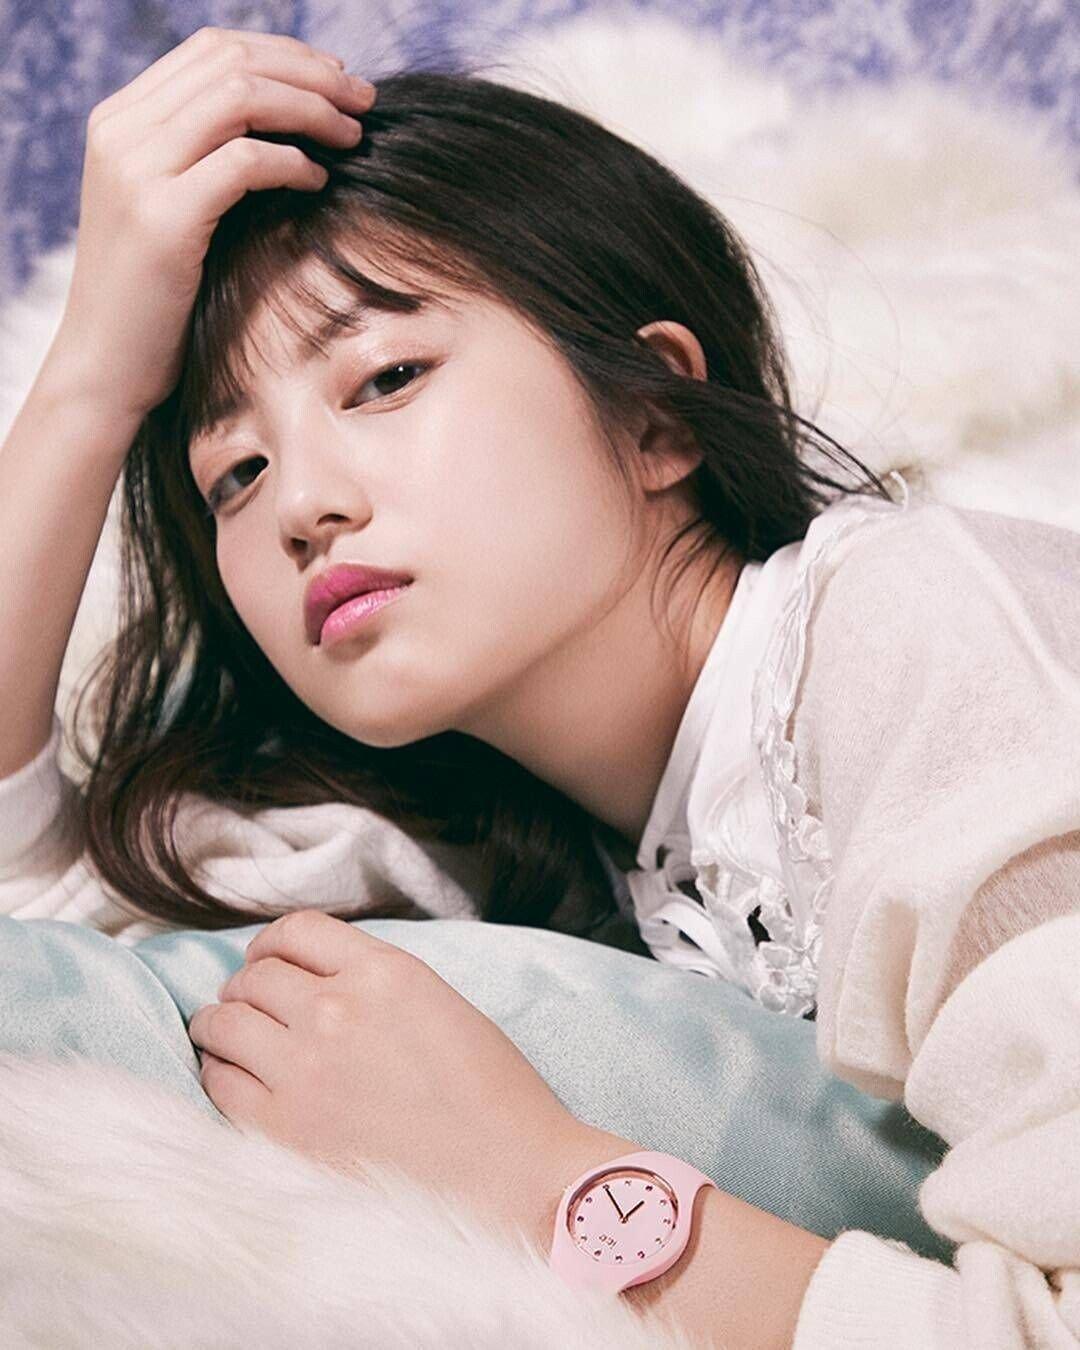 ff89be36846f1410c5bcf197f7011b8b.jpeg 일본네티즌 선정 여자친구였으면 하는 연예인 top10